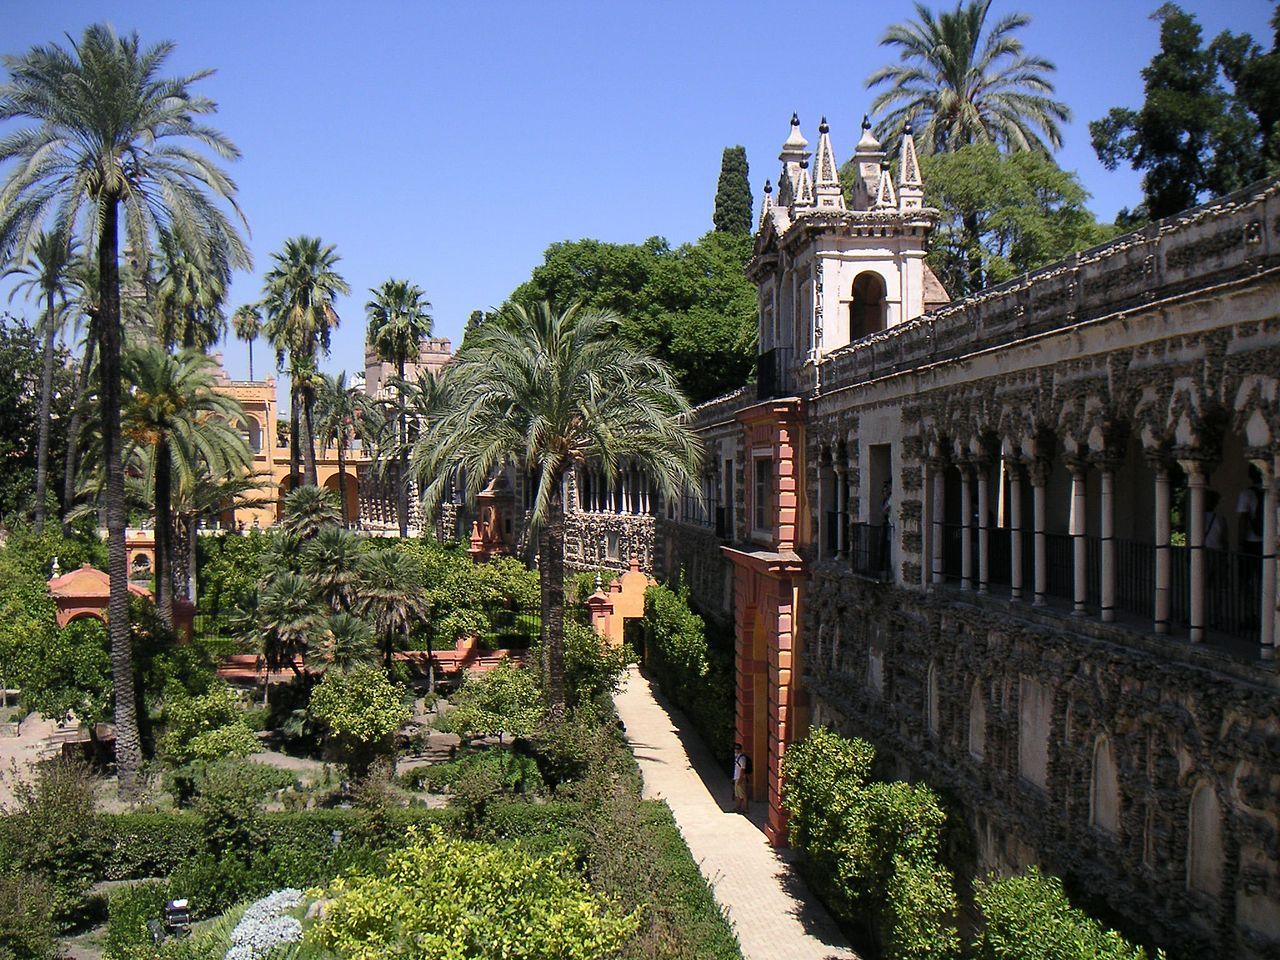 El jardín español es una mezcla de estilos